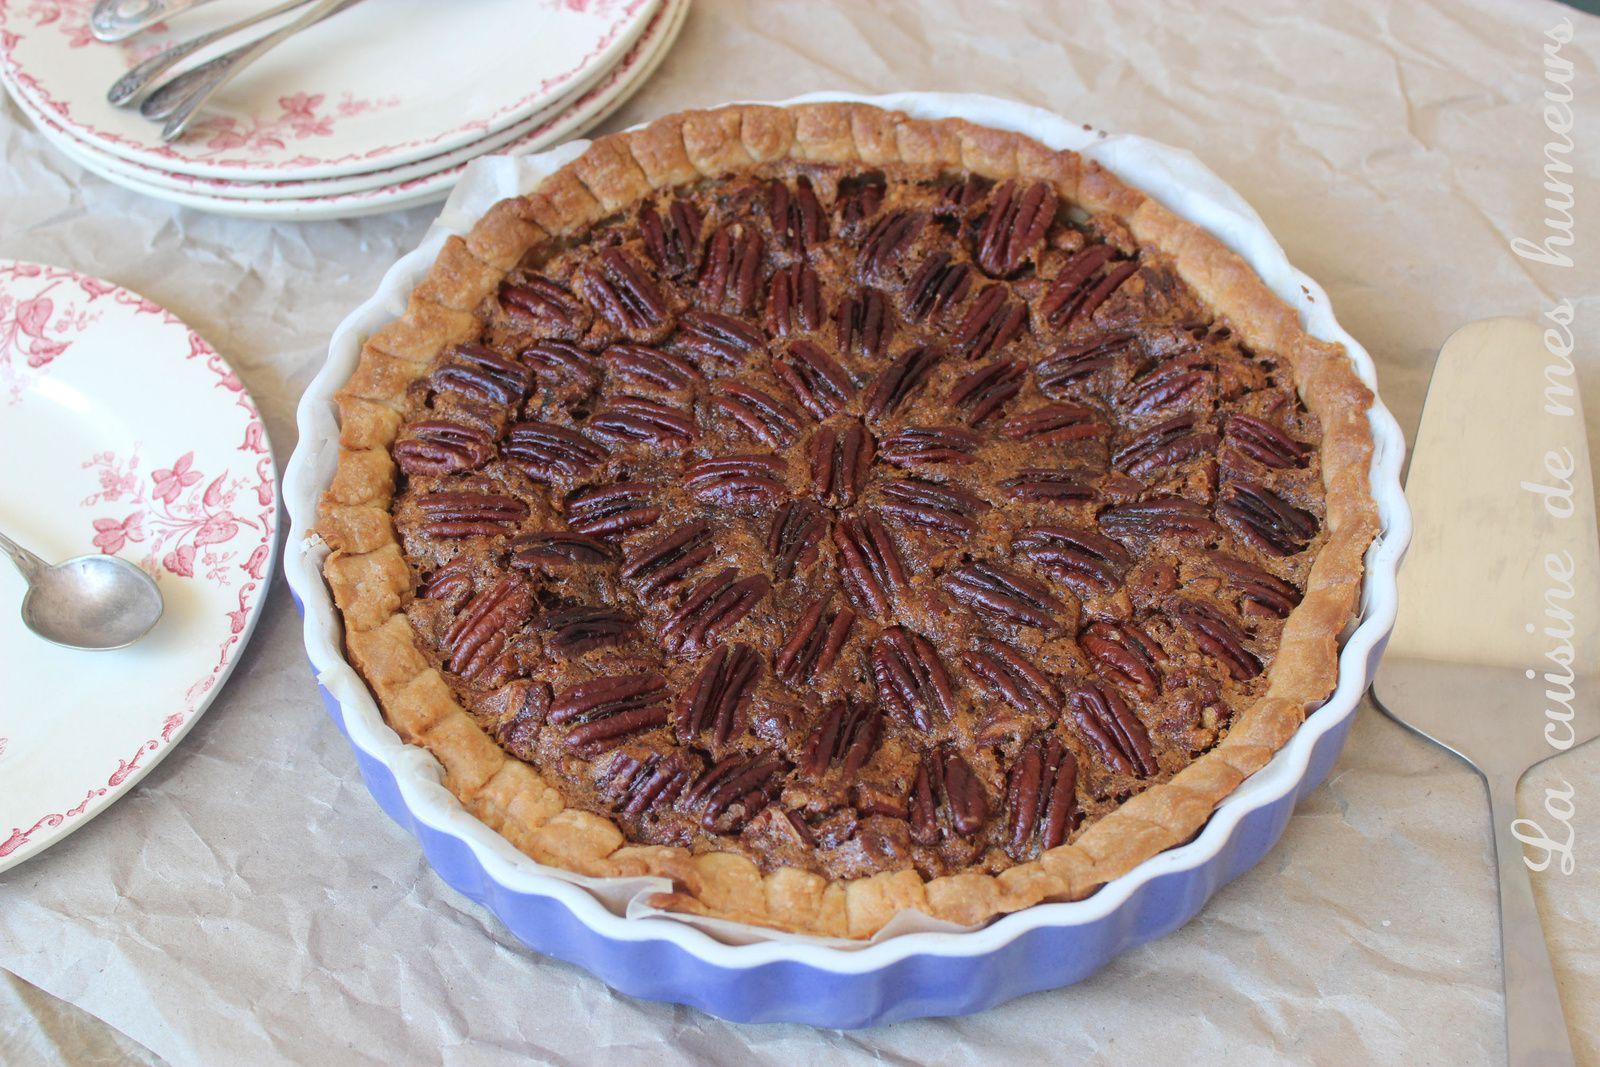 la vraie recette de la tarte aux noix de p can pecan pie i love you la cuisine de mes. Black Bedroom Furniture Sets. Home Design Ideas